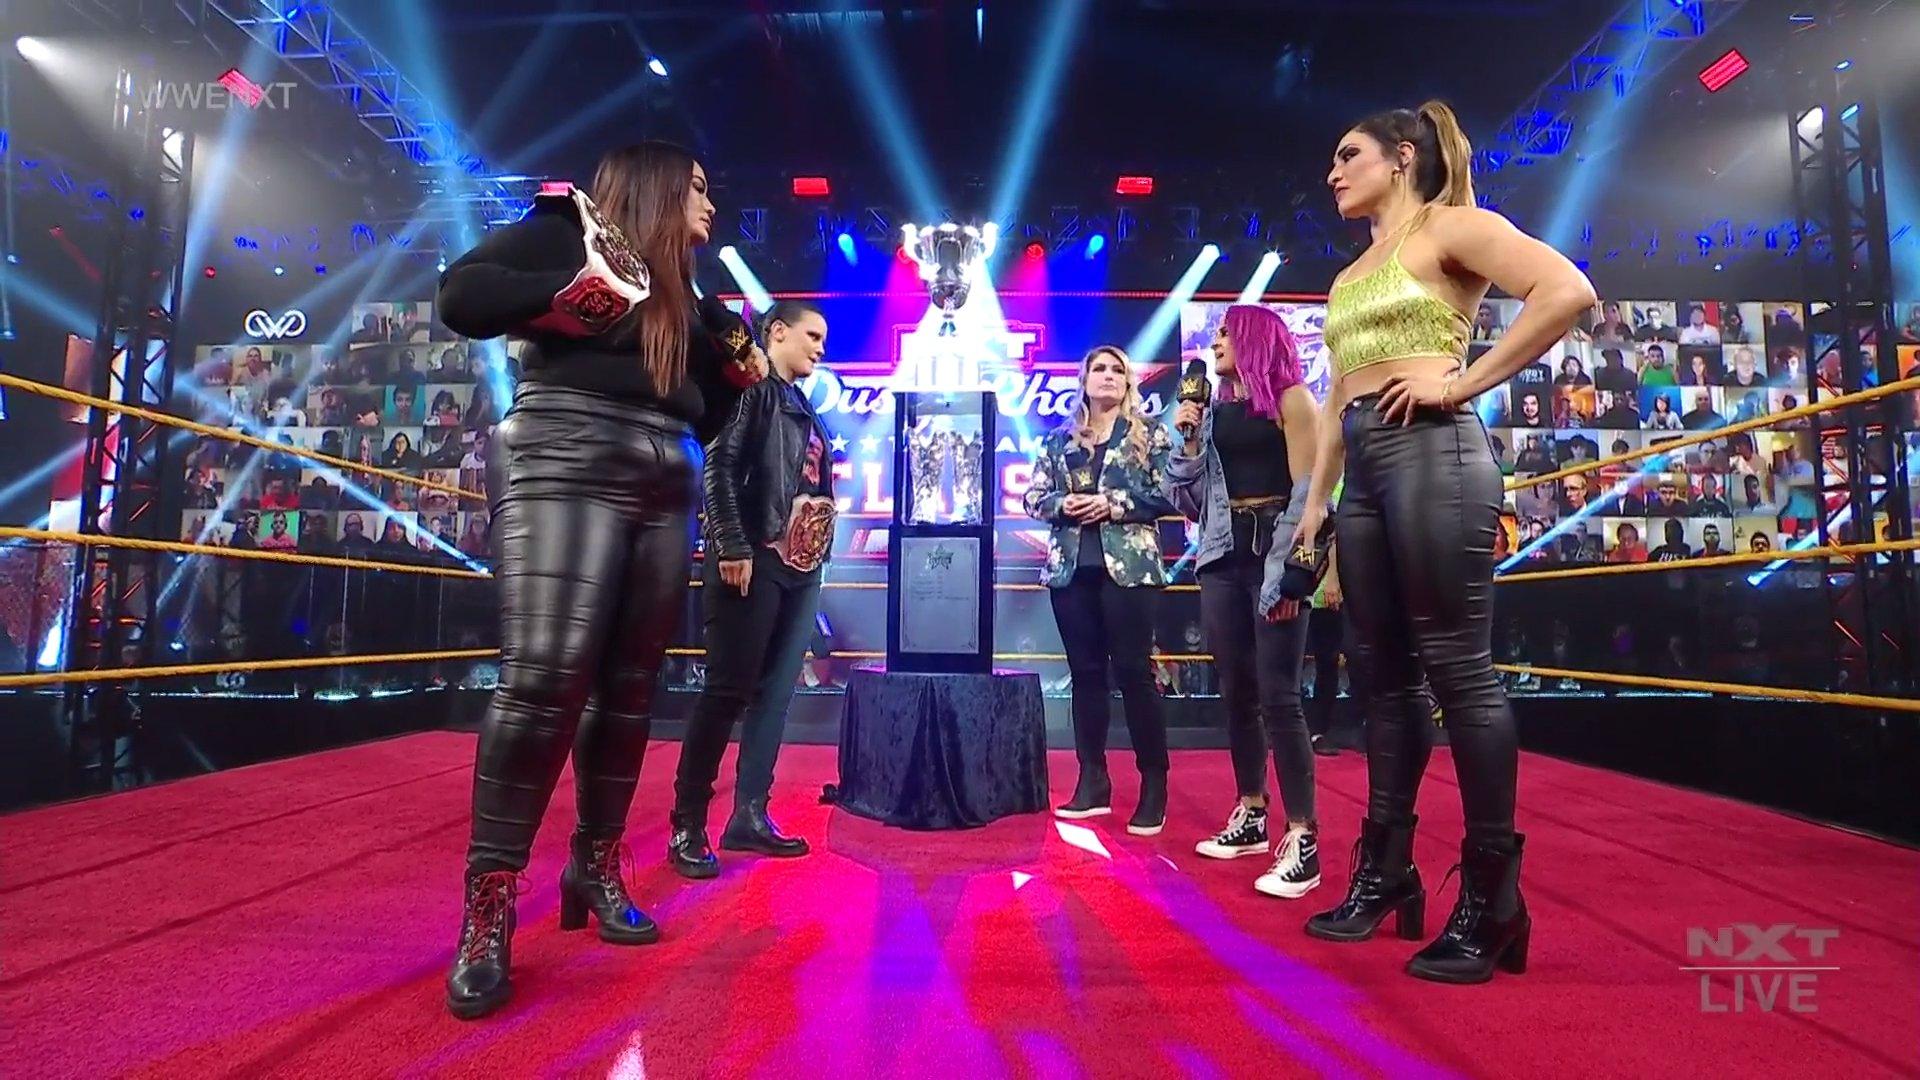 Nia Jax and Shayna Baszler vs. Dakota Kai and Raquel Gonzalez - NXT February 17, 2021